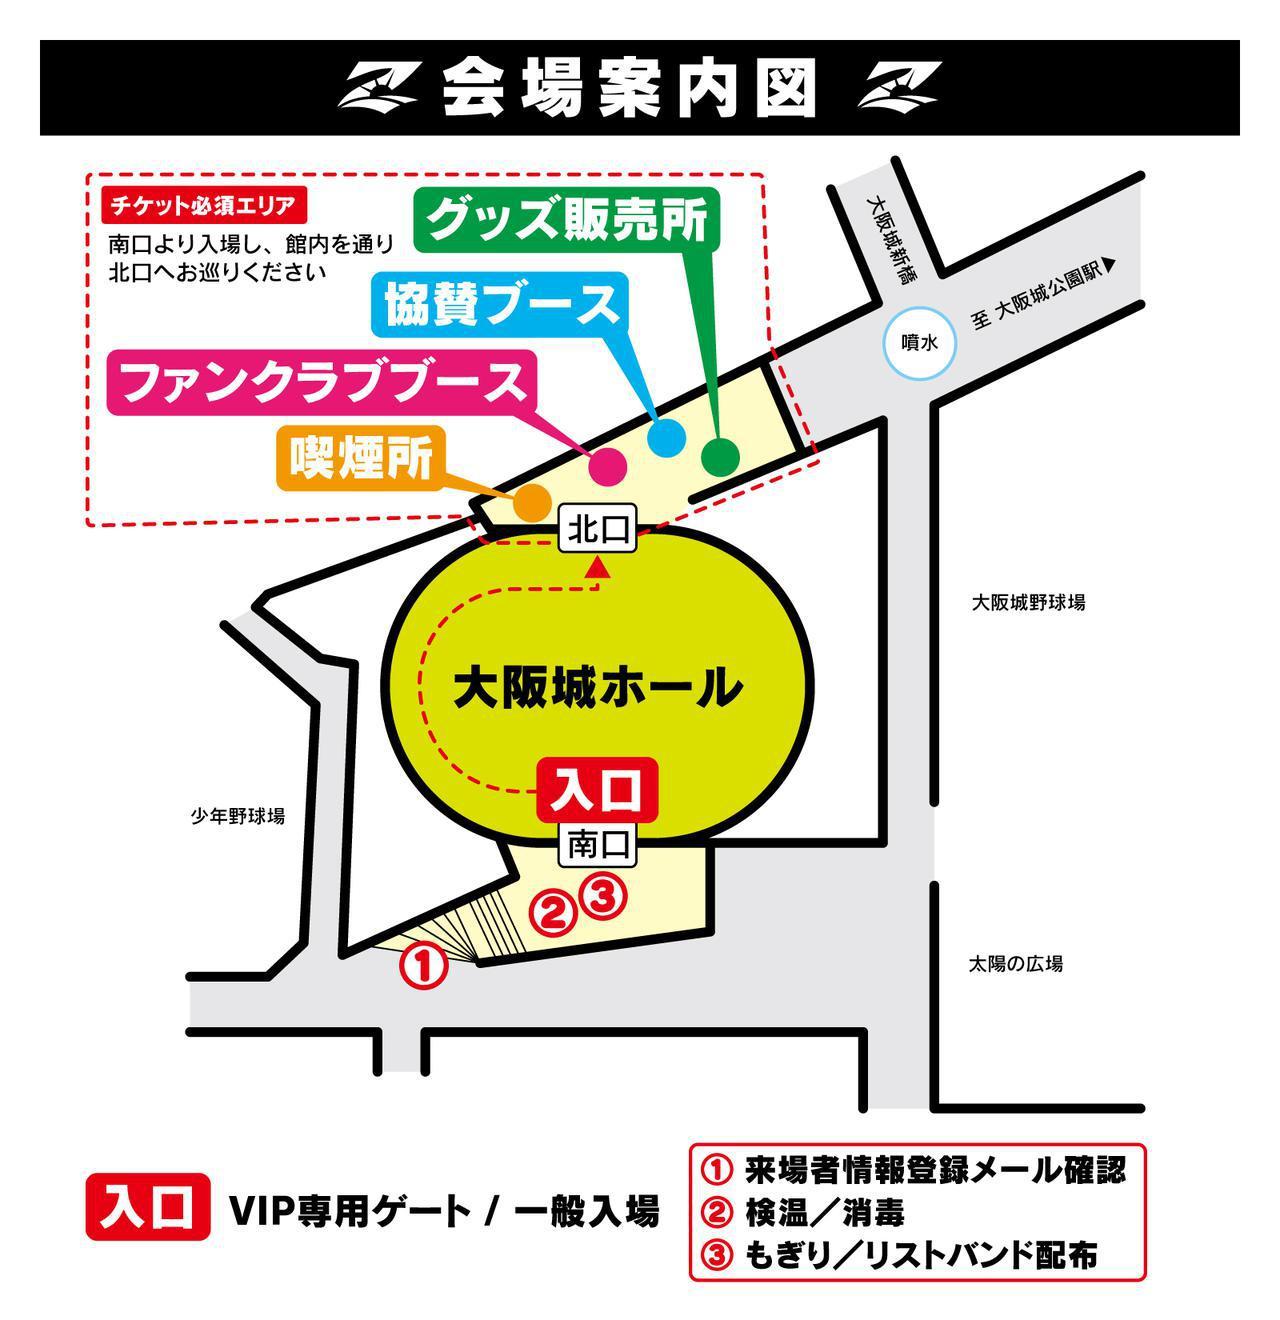 画像: 大阪城ホール 会場案内図